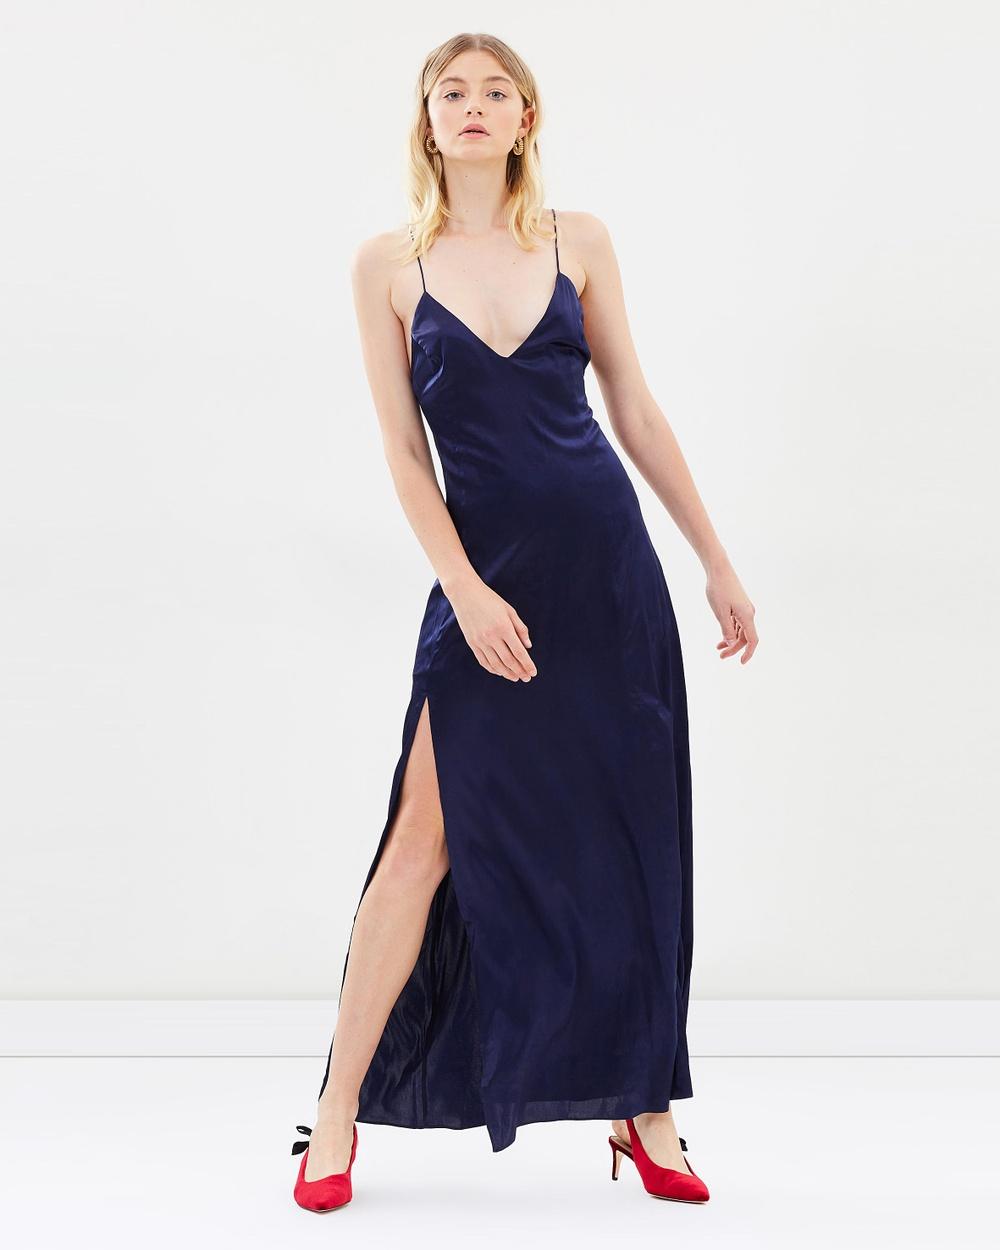 Hansen & Gretel Zen Silk Dress Dresses Deep Navy Zen Silk Dress